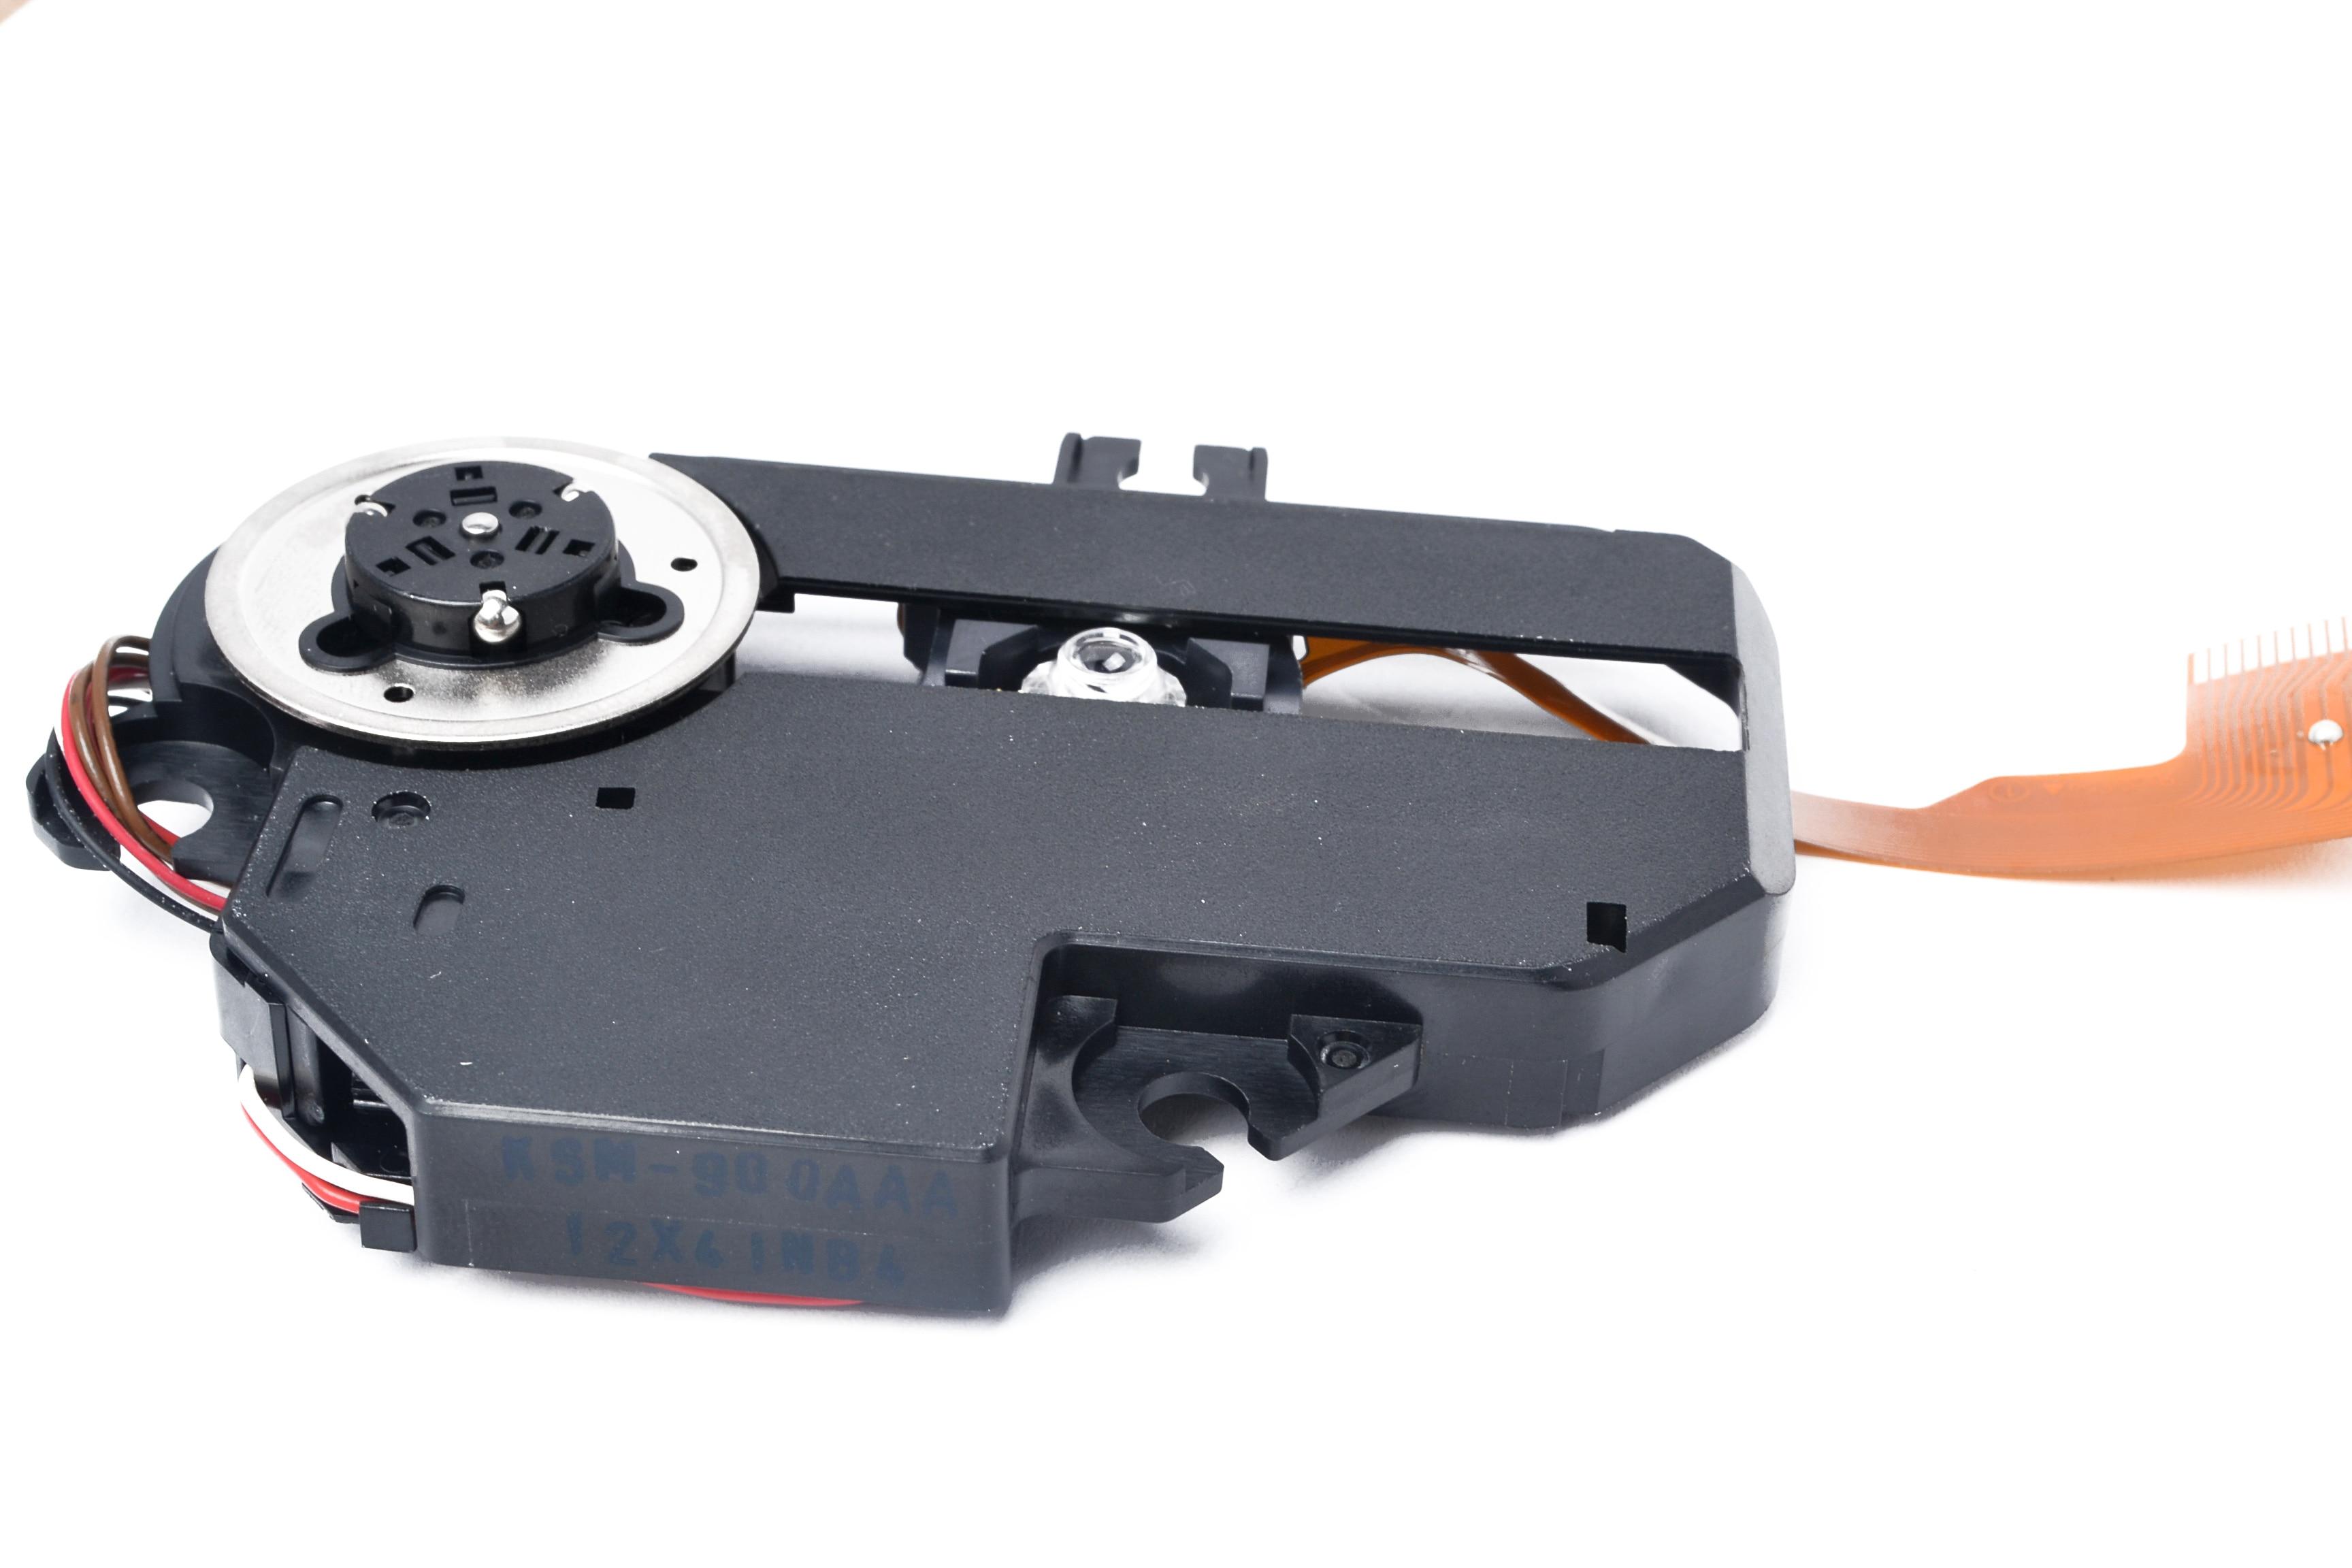 Substituição Original Para CMS-M93BG6 TASCAM CD DVD Player CMS-M93BG6 Assembléia Lens Laser Optical Pick-up Bloc Unidade Optique